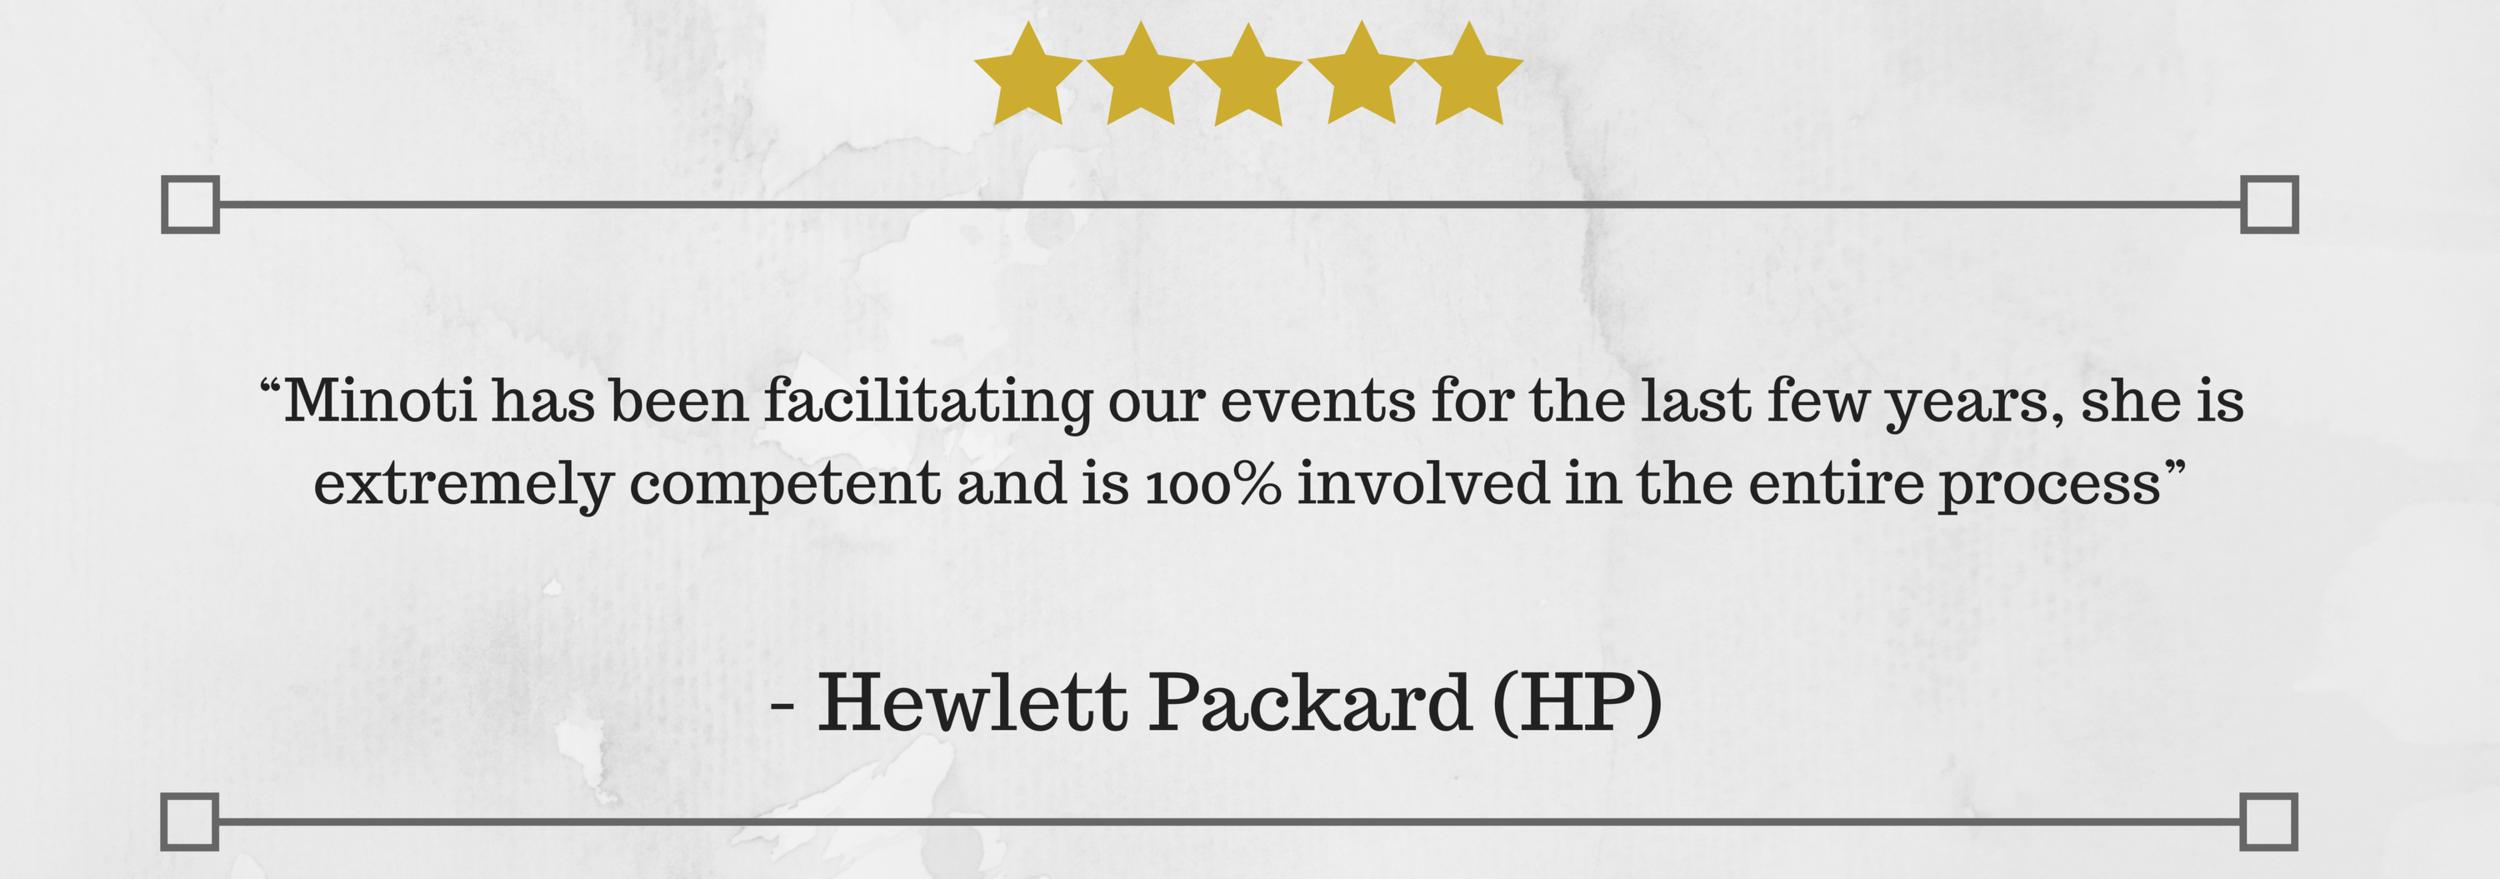 Hewlett Packard.png